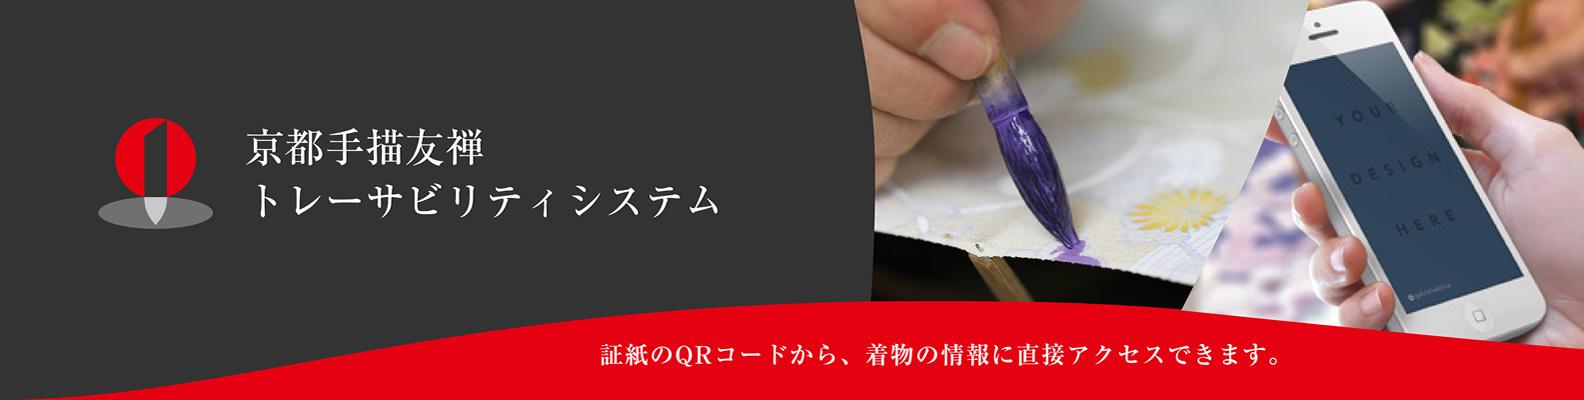 京都手描友禅トレーサビリティシステム